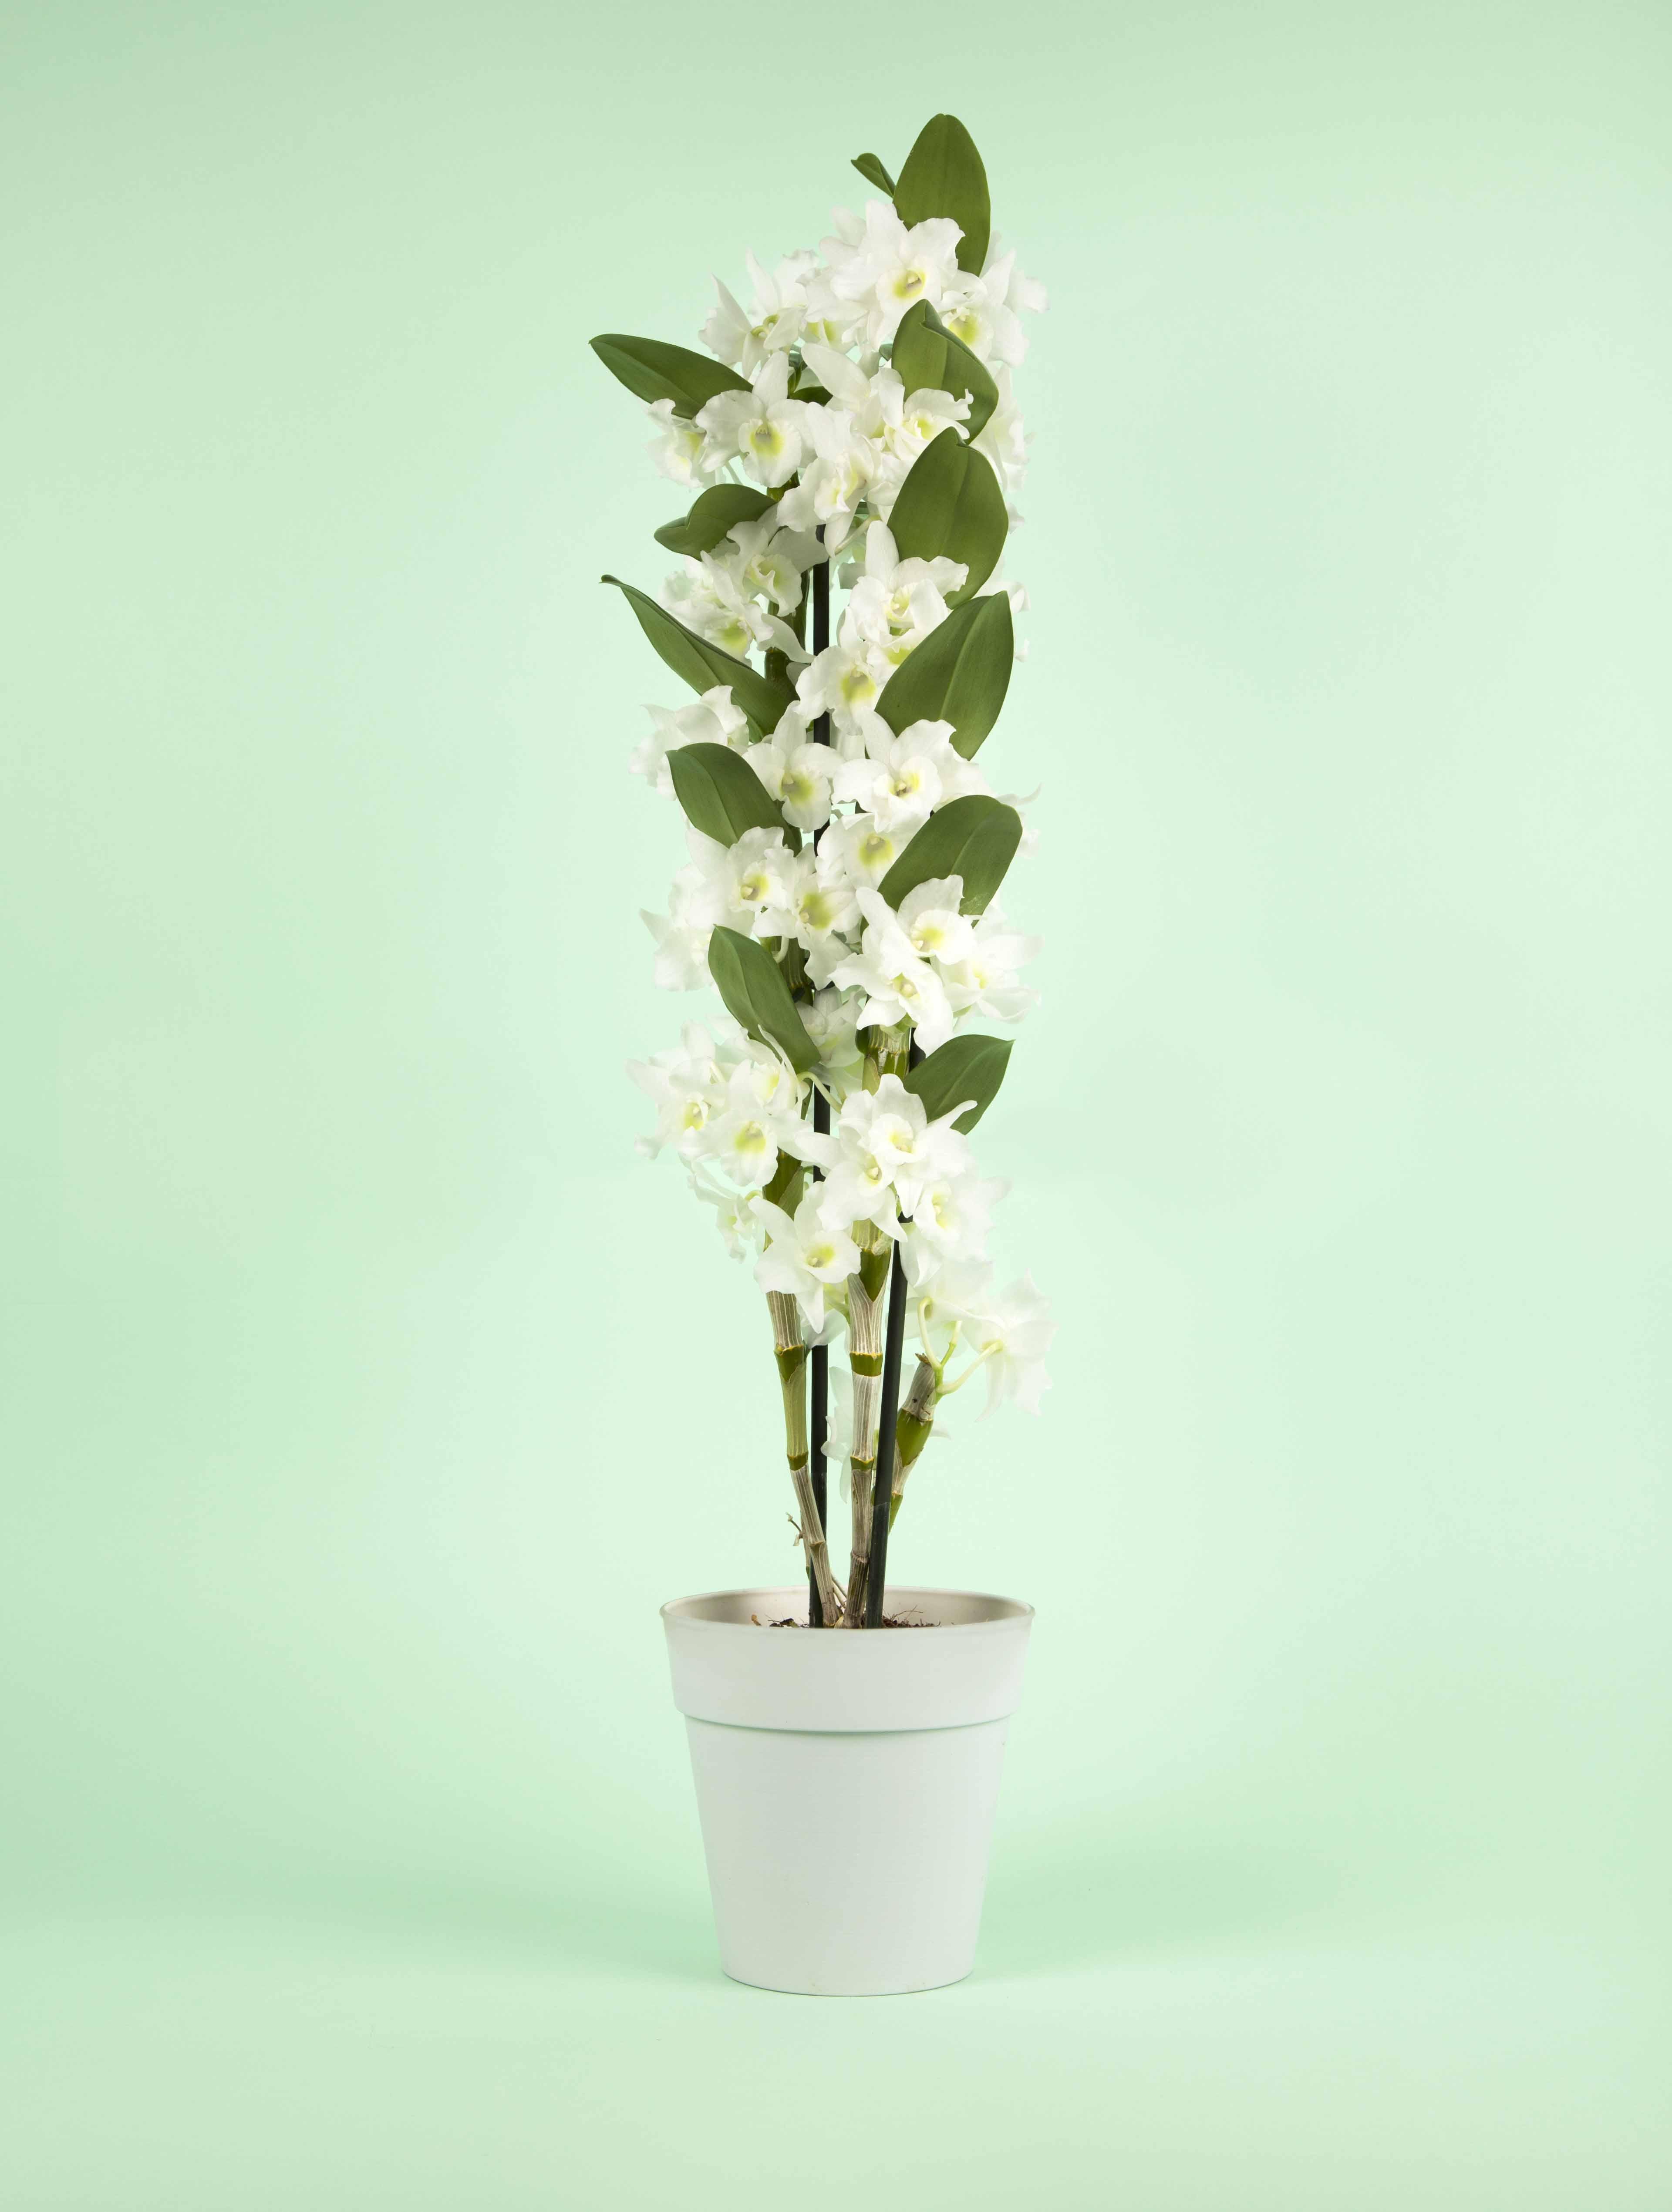 Orchidées blanches - Dendrobium